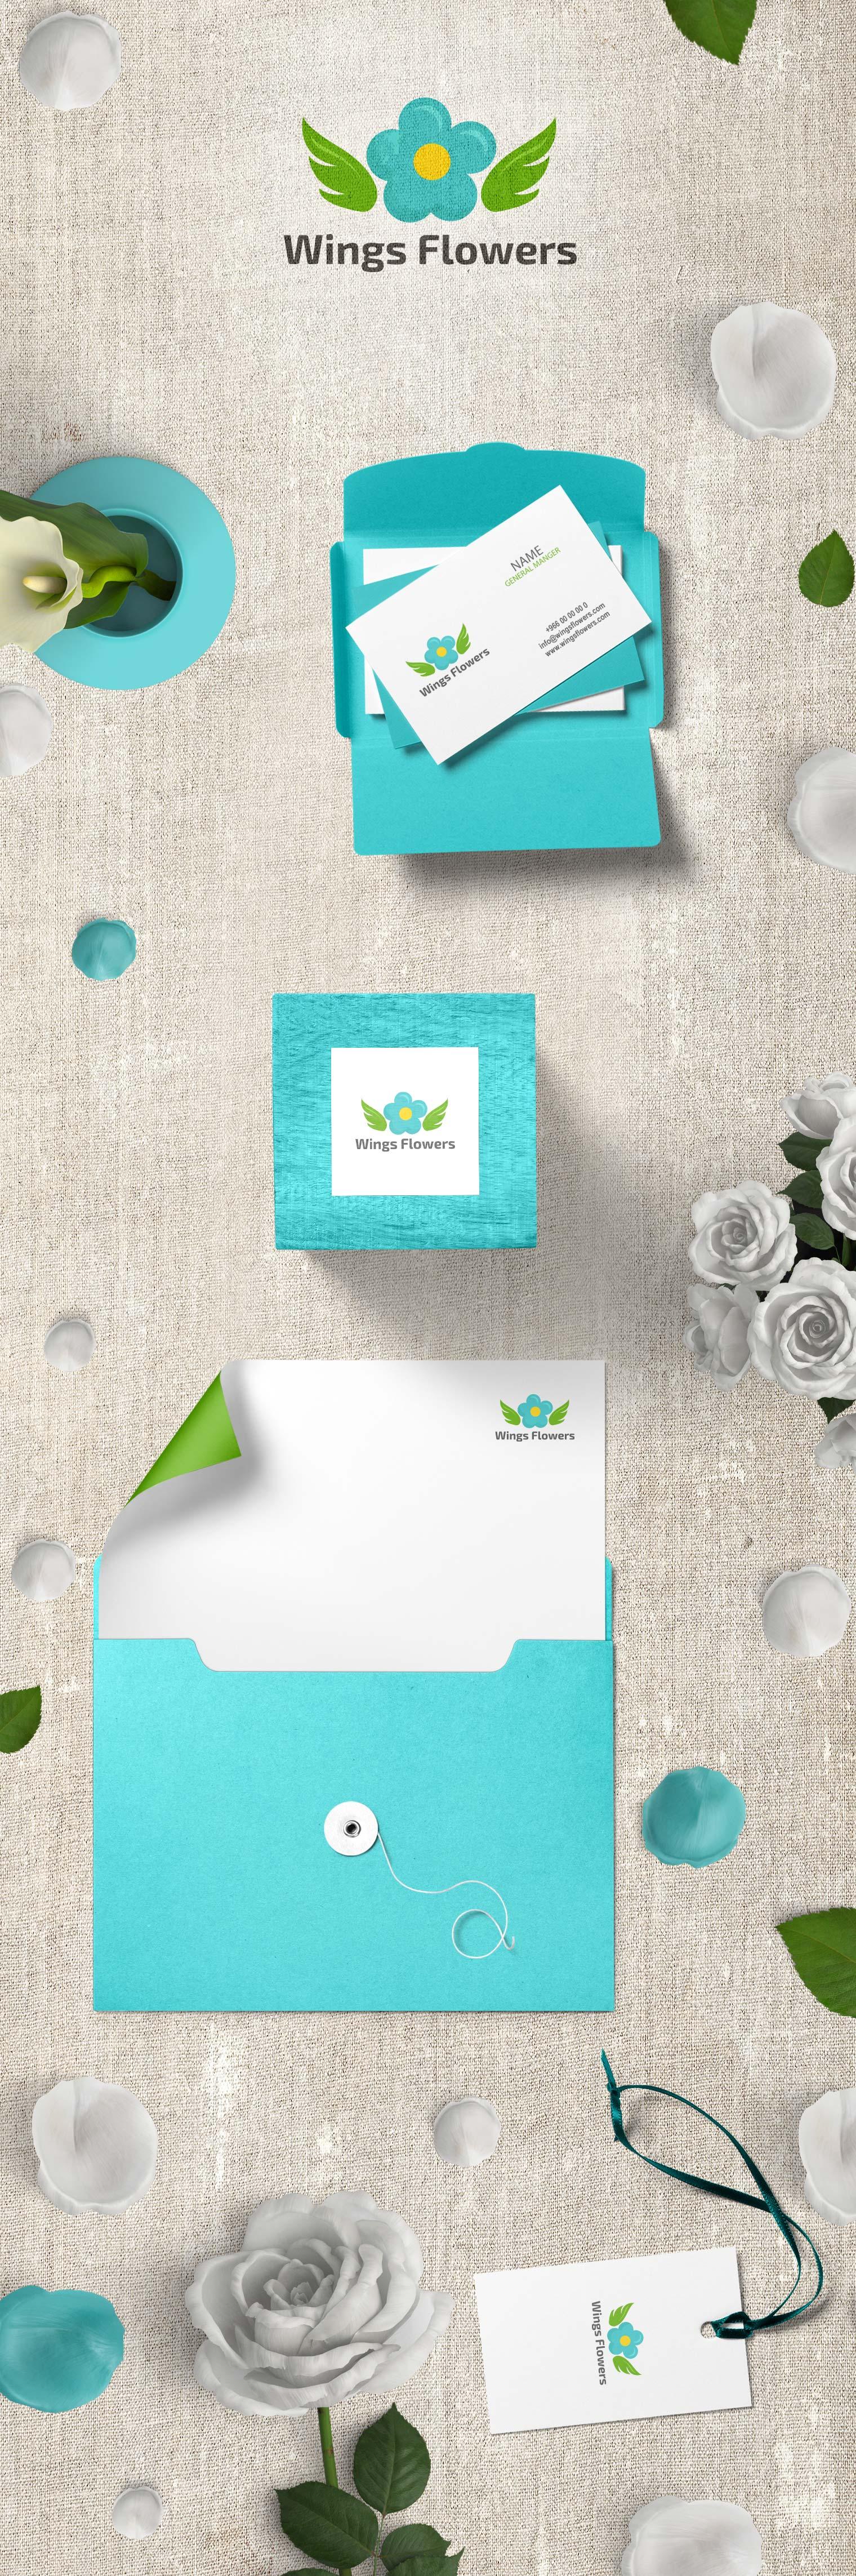 شركة أجنحة الزهور